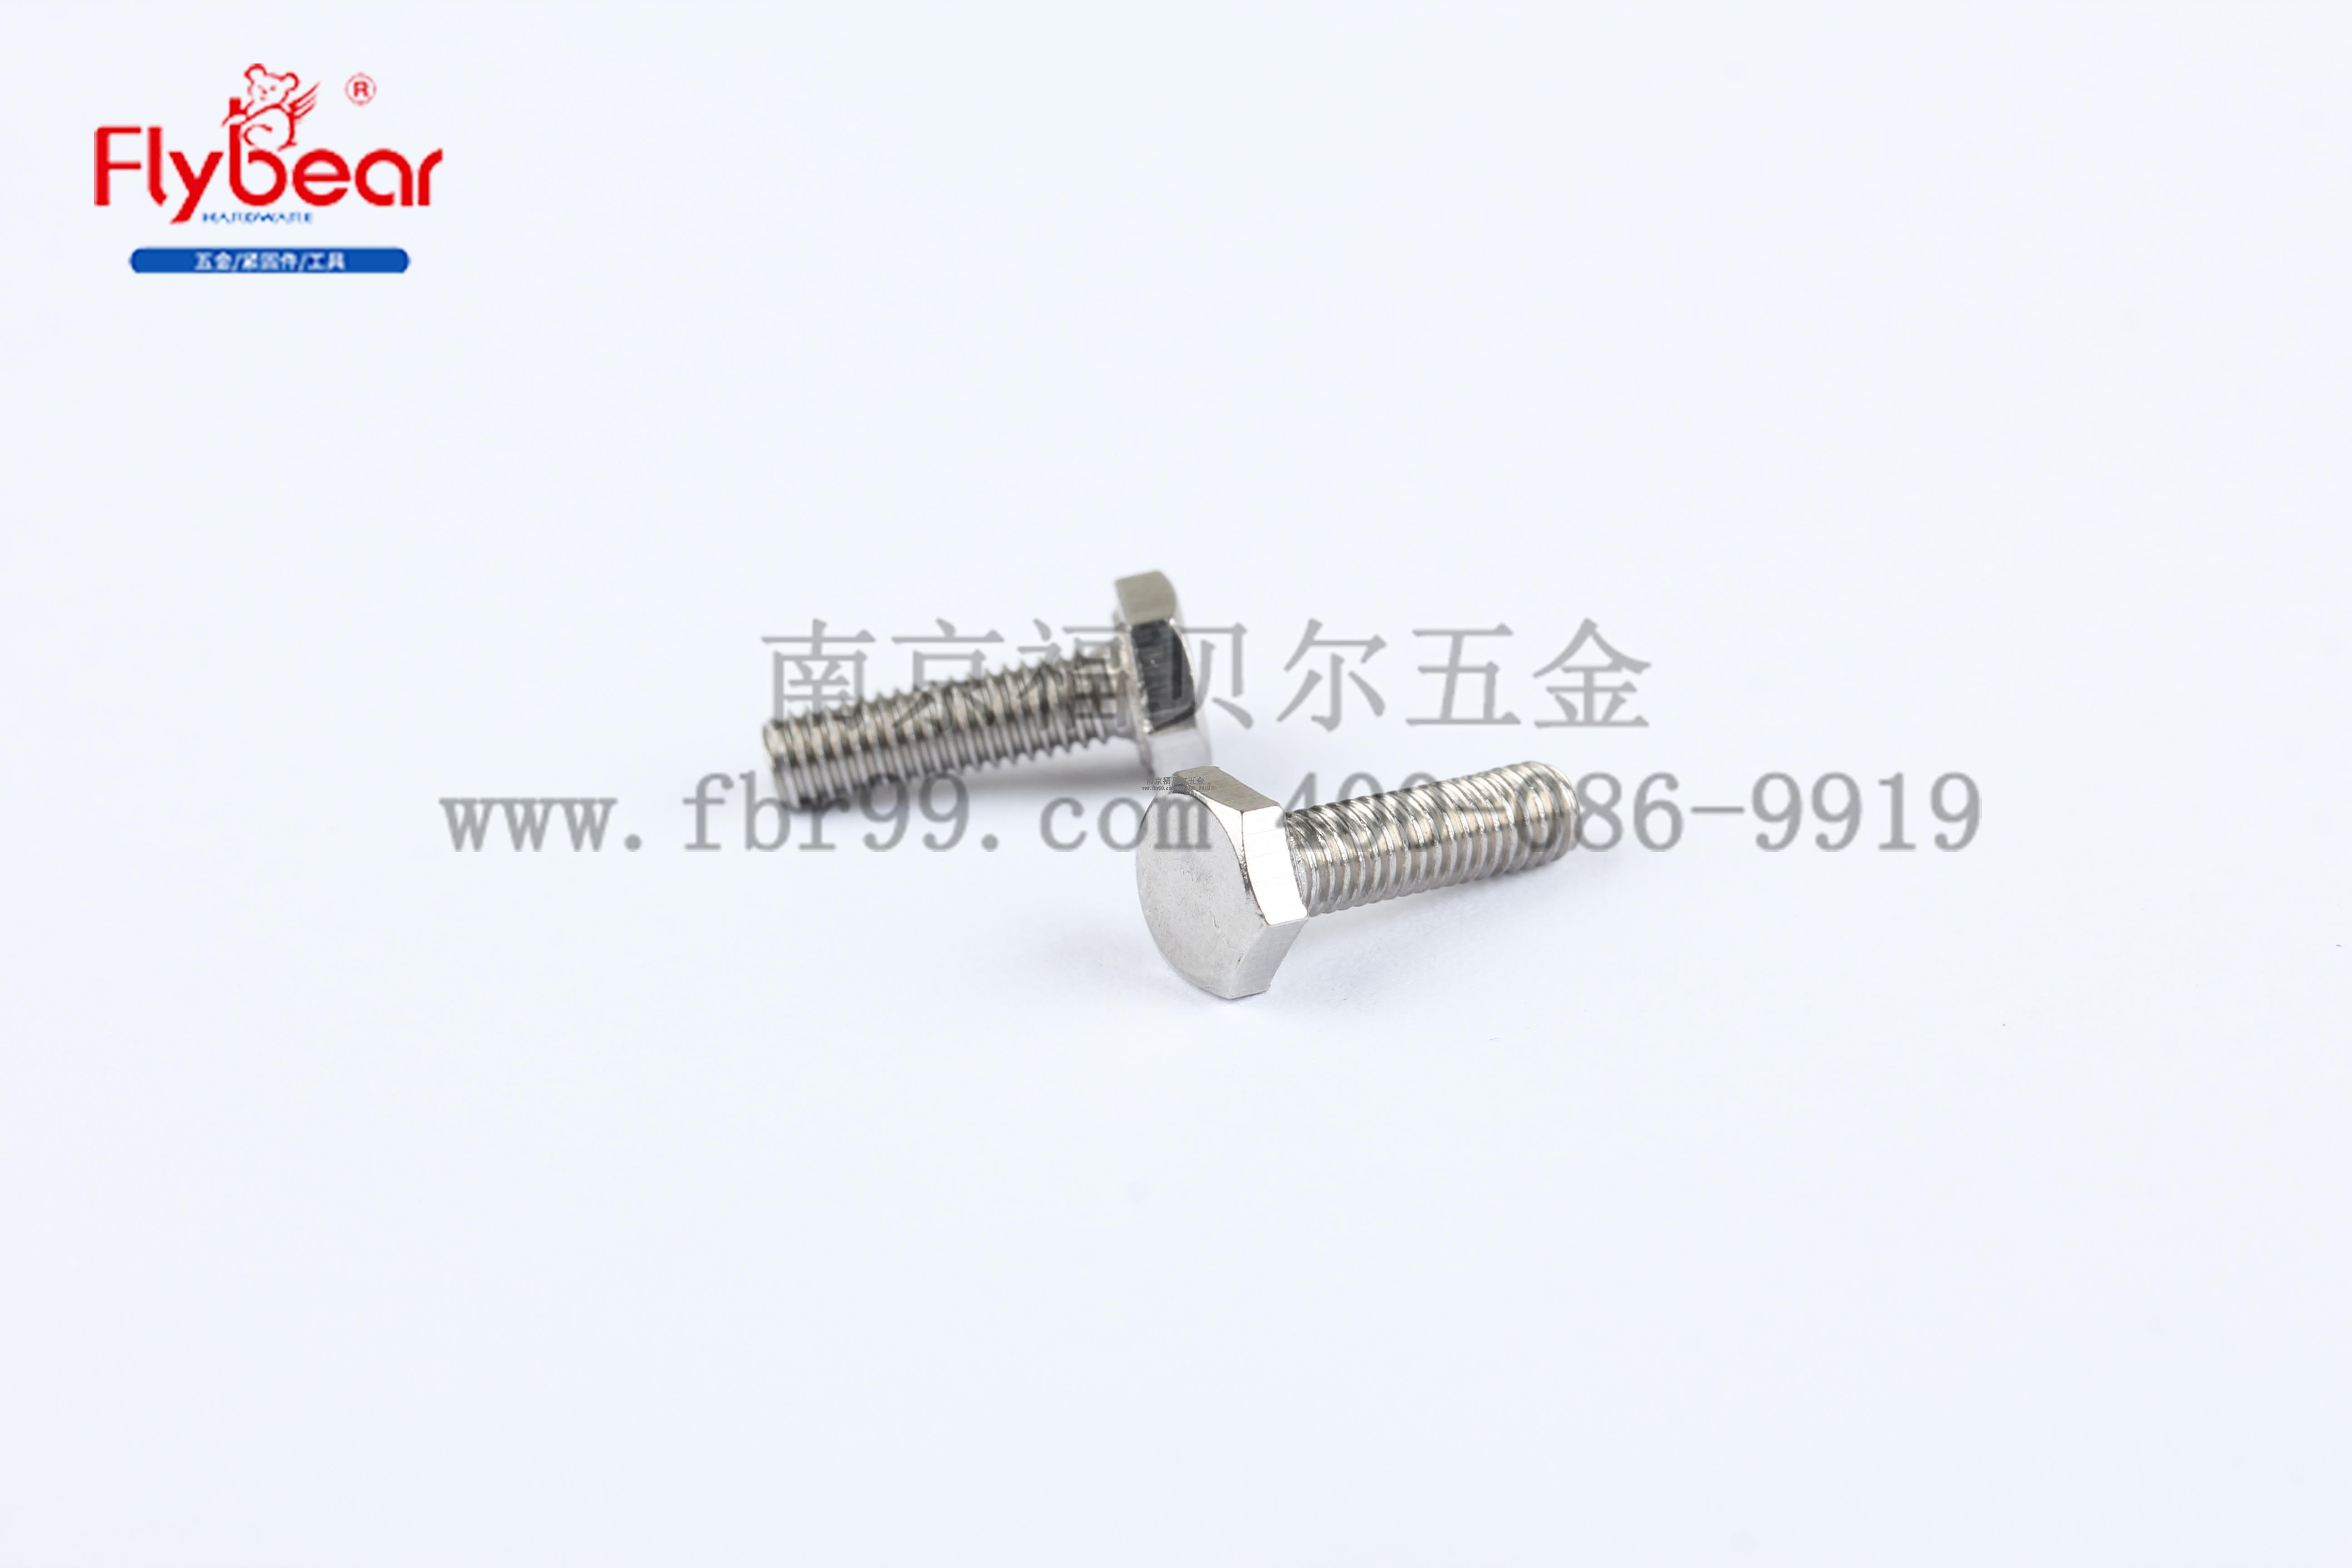 DIN933外六角全牙螺栓 304不锈钢 A2-70  六角头螺栓